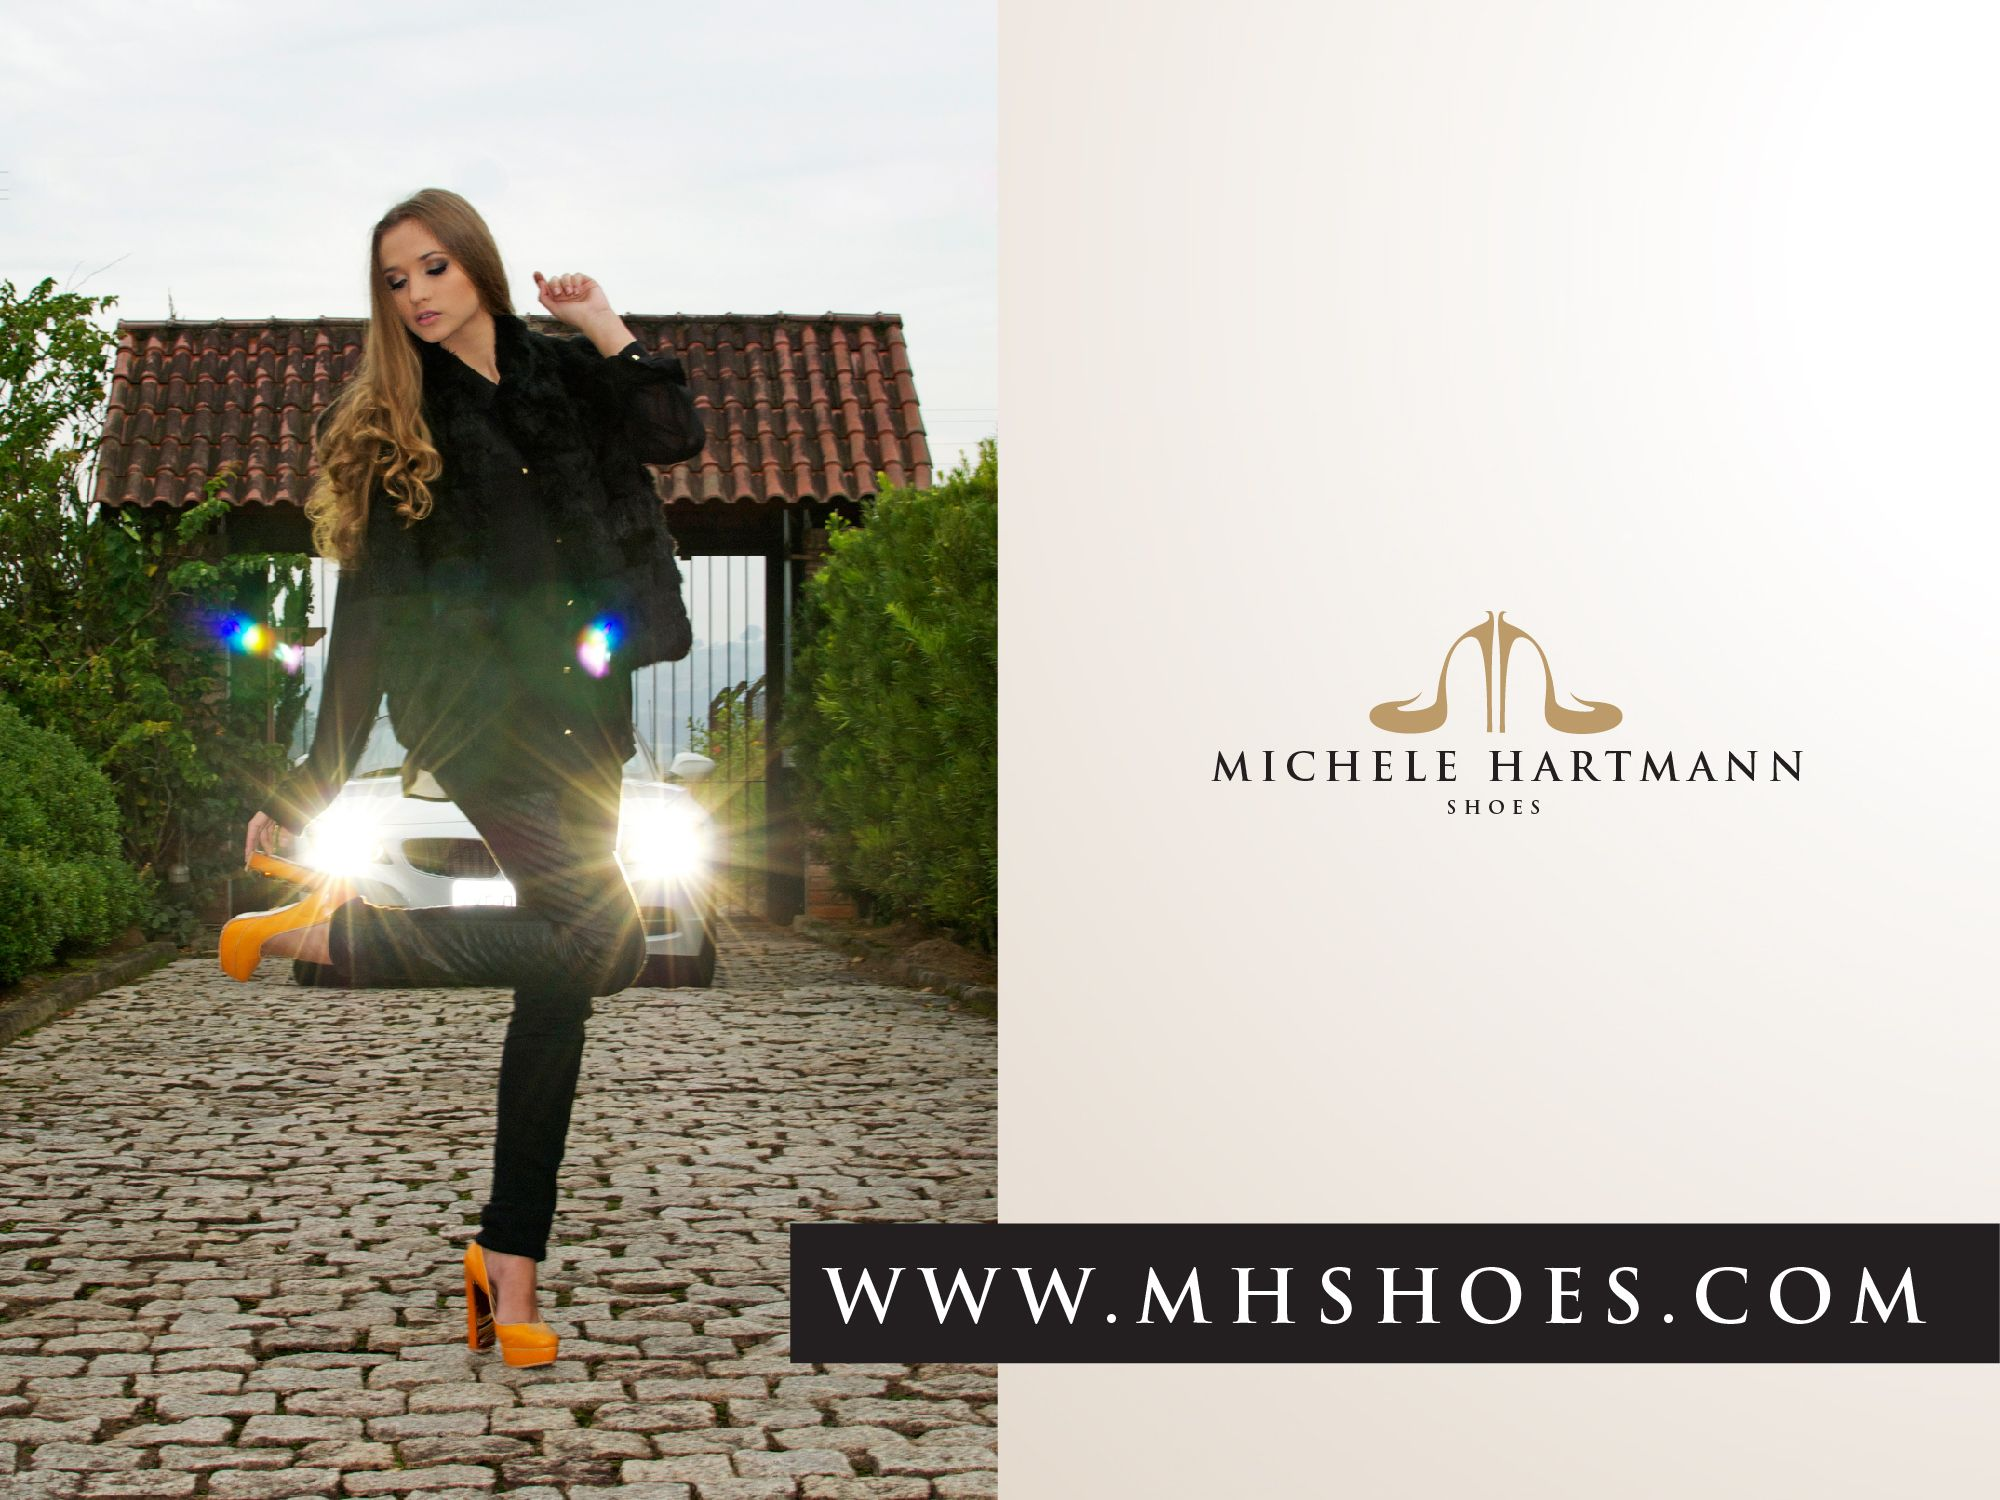 Cliente Michele Hartmann Shoes www.mhshoes.com